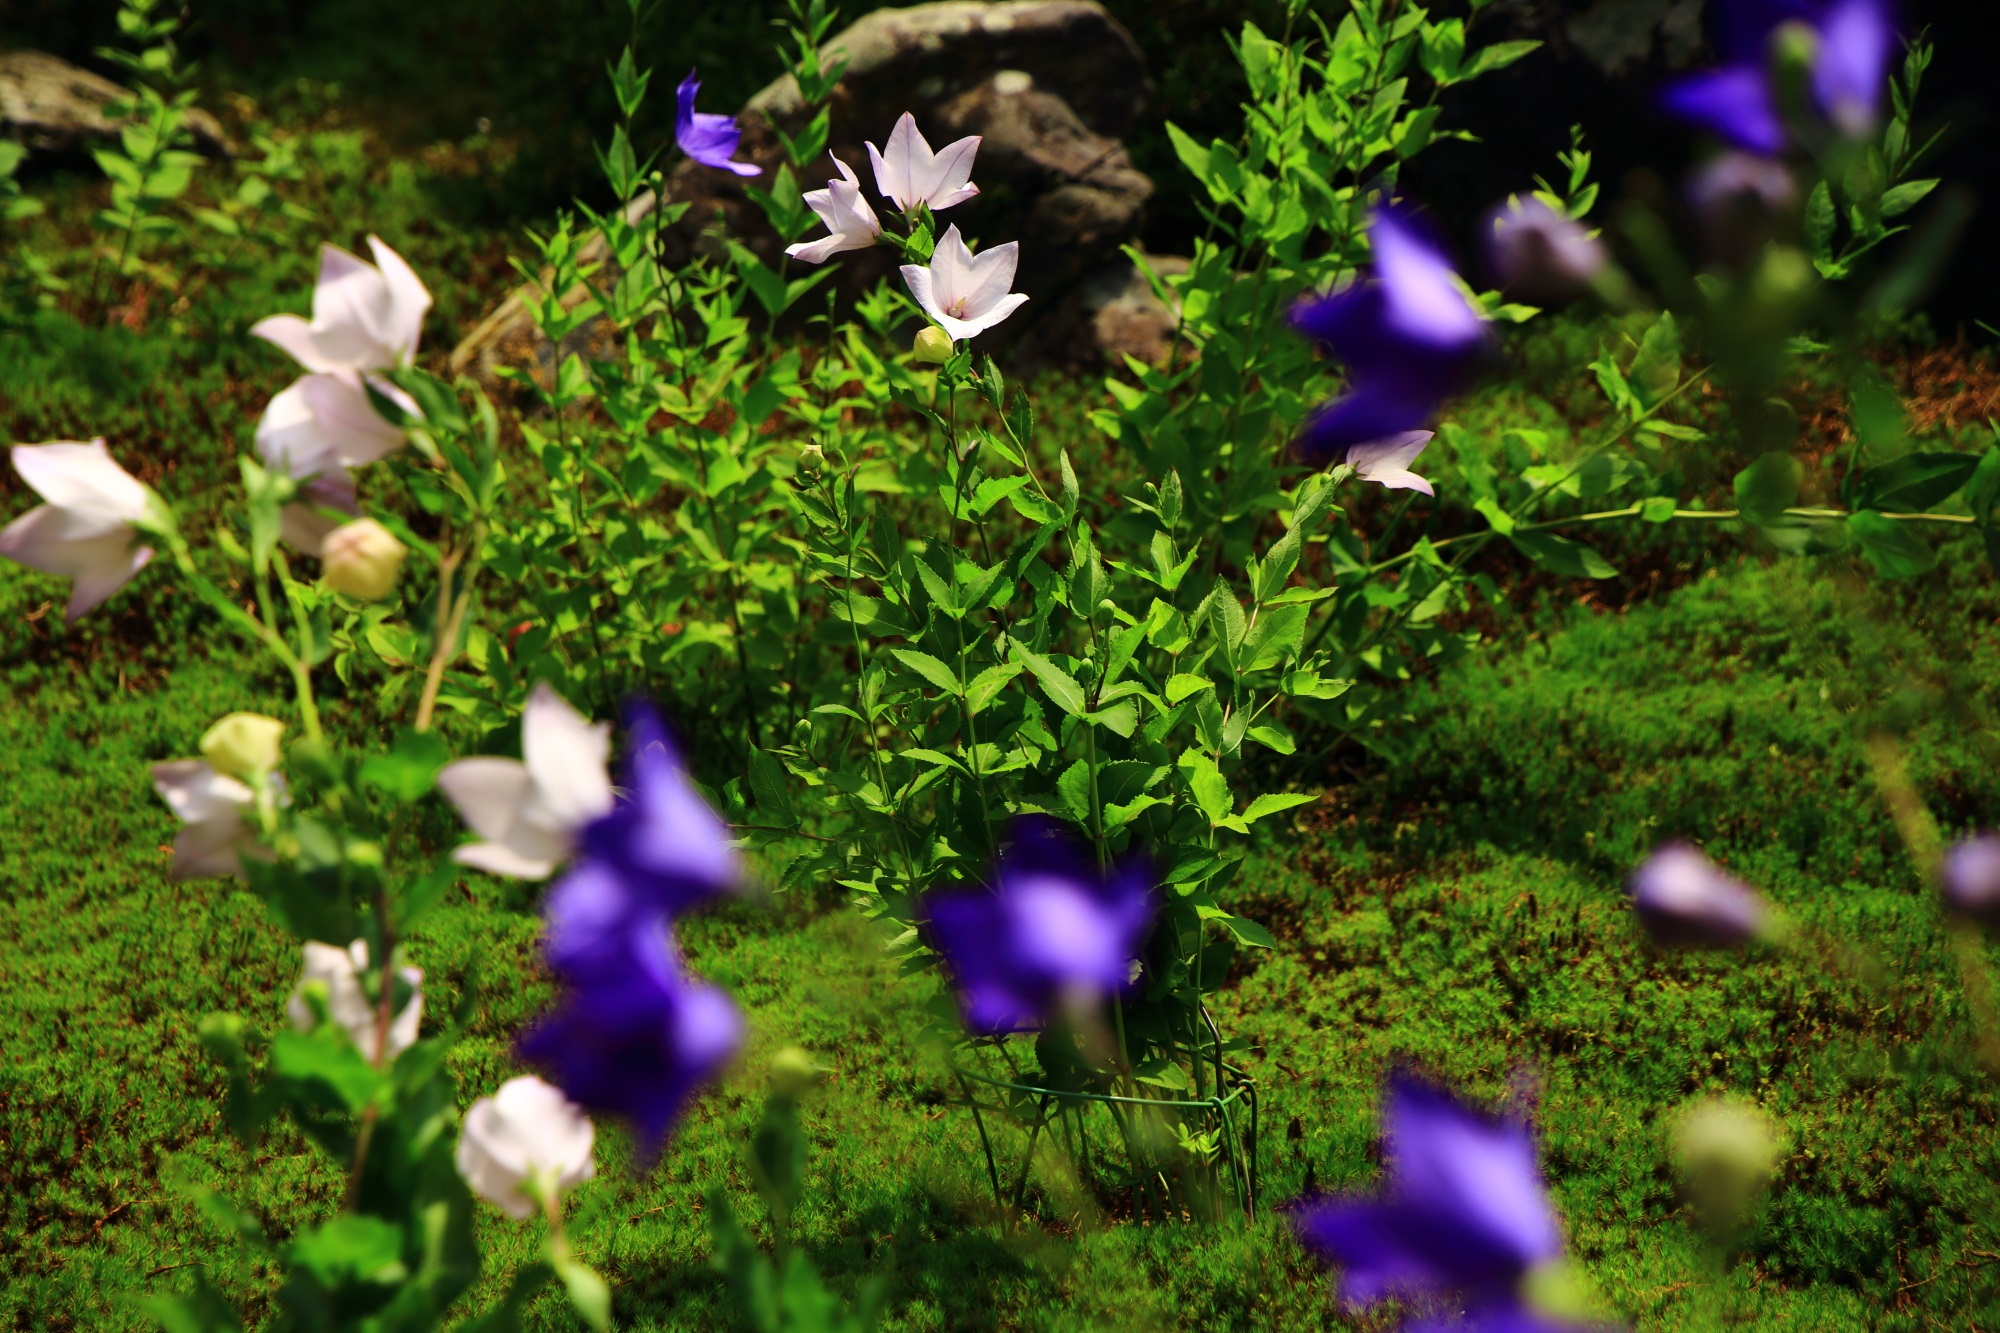 緑の上で揺らめく天得院の白と紫の桔梗